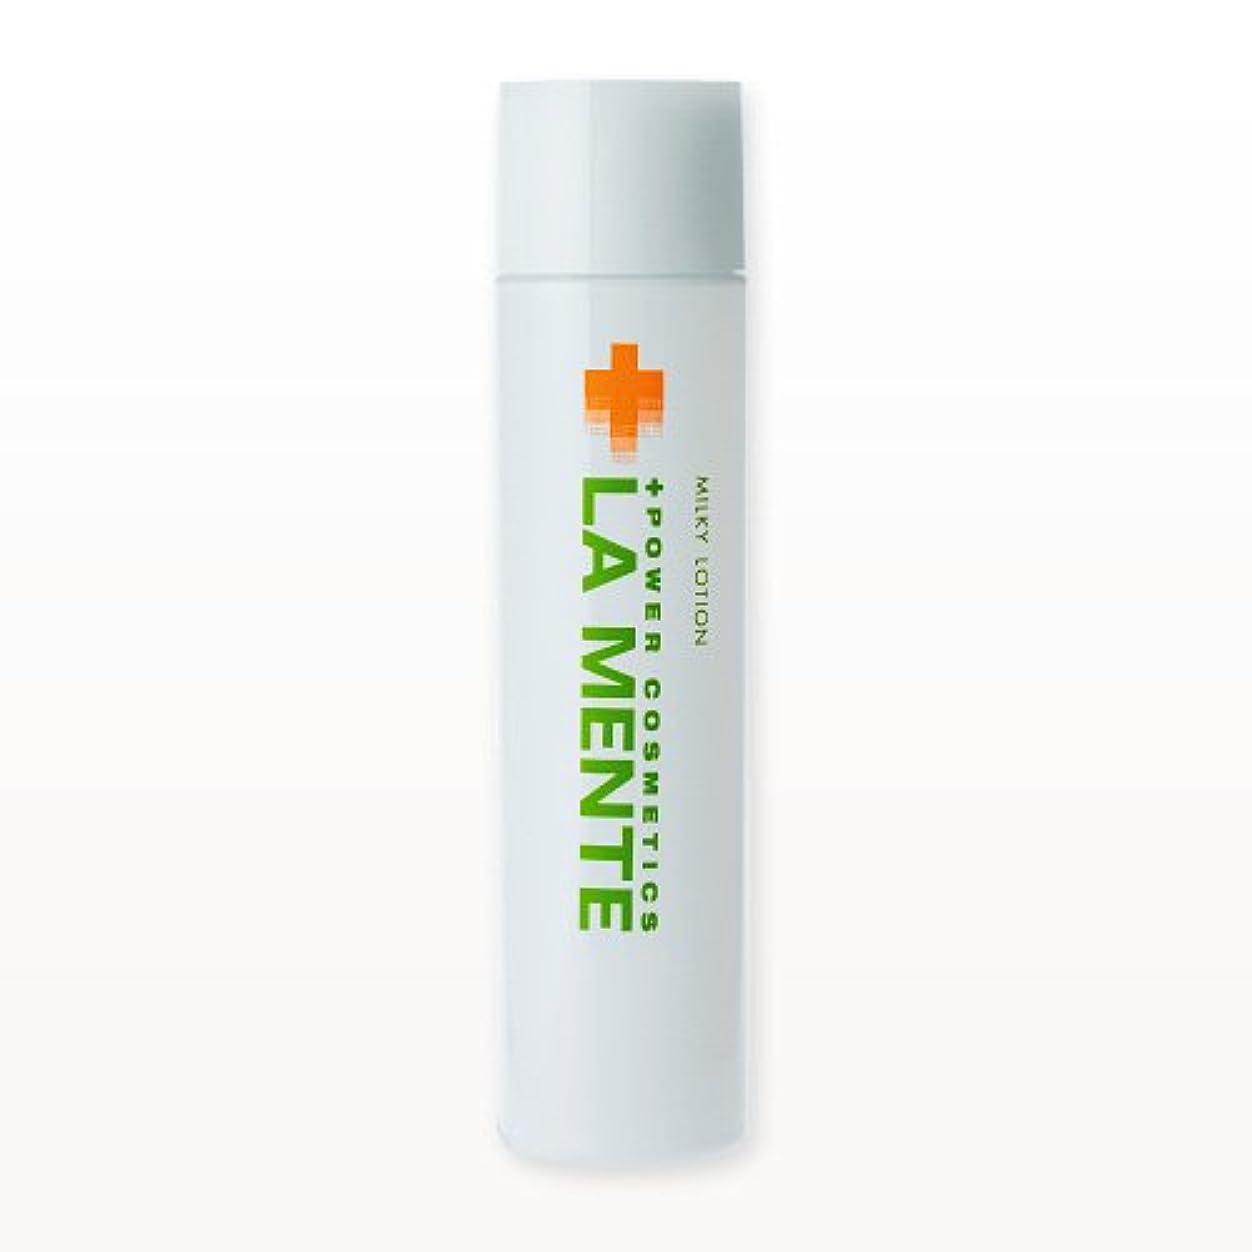 パーセントゴネリルパックラメンテ(LA MENTE) 薬用 ミルキィローション 150mL 美白&保湿ローション